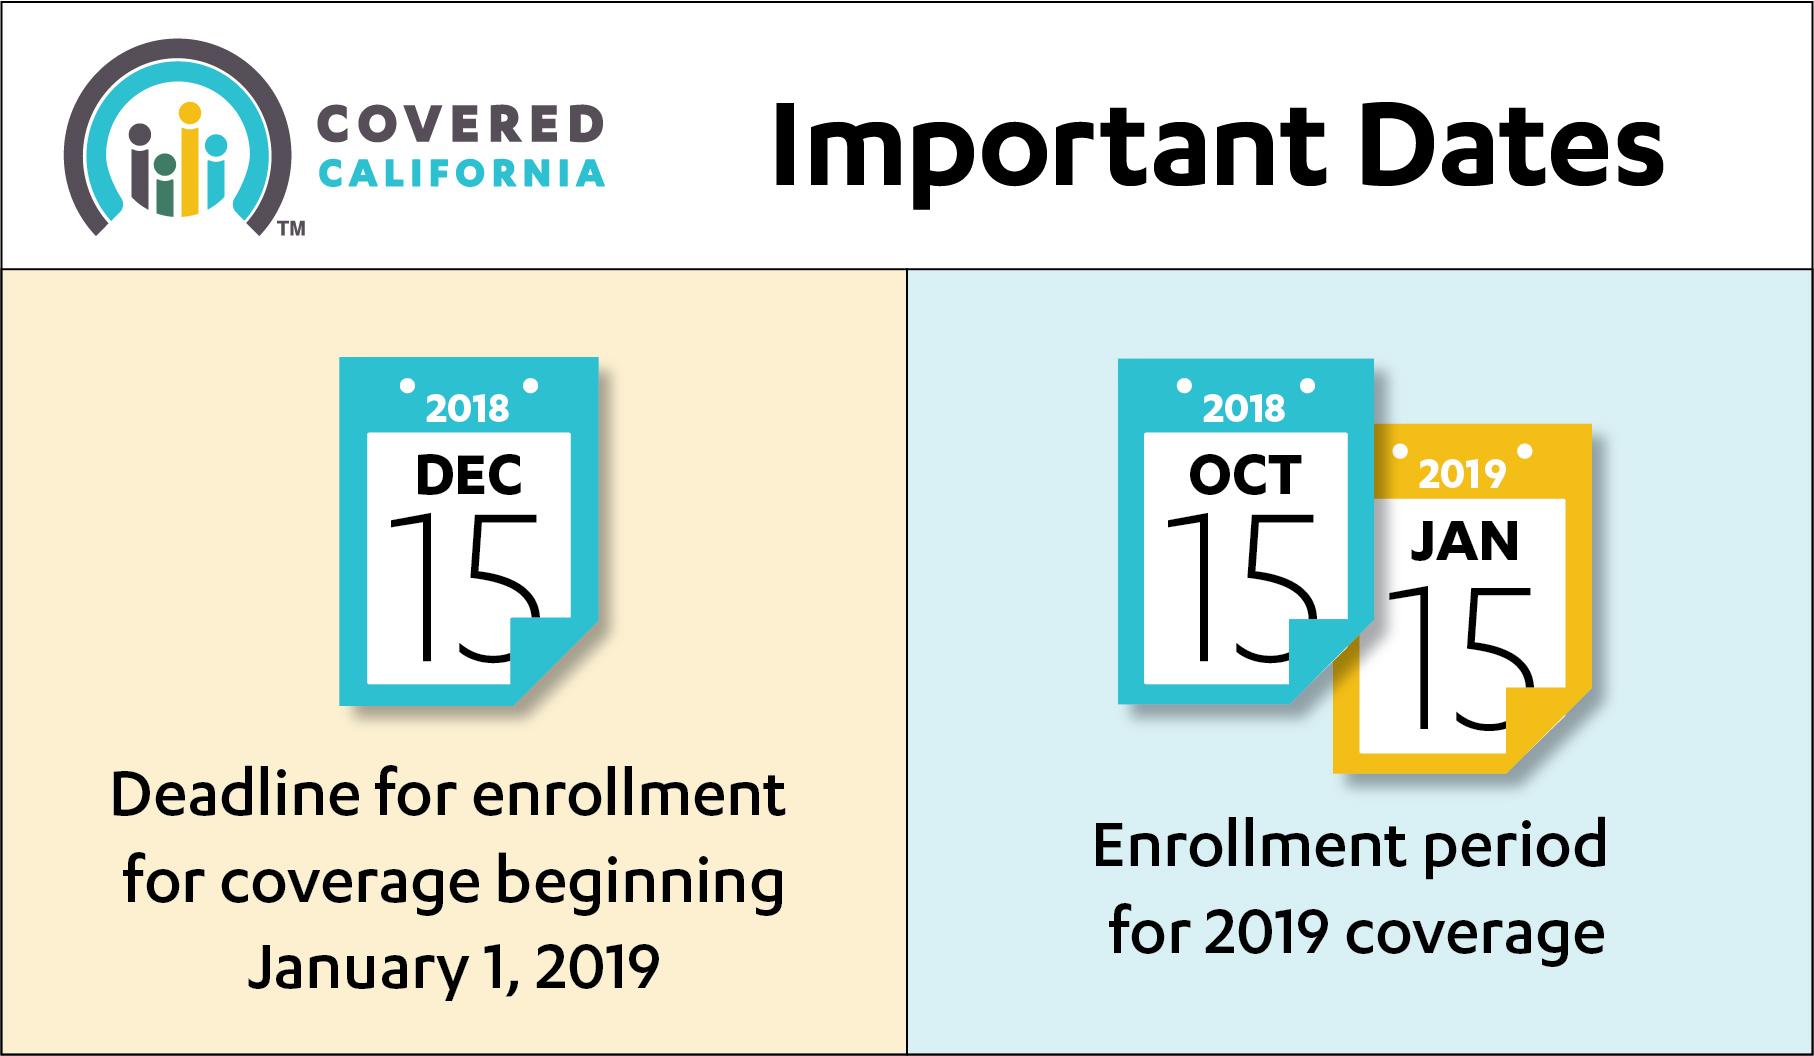 Health Insurance California >> Covered California S Dec 15 Enrollment Deadline Nears For